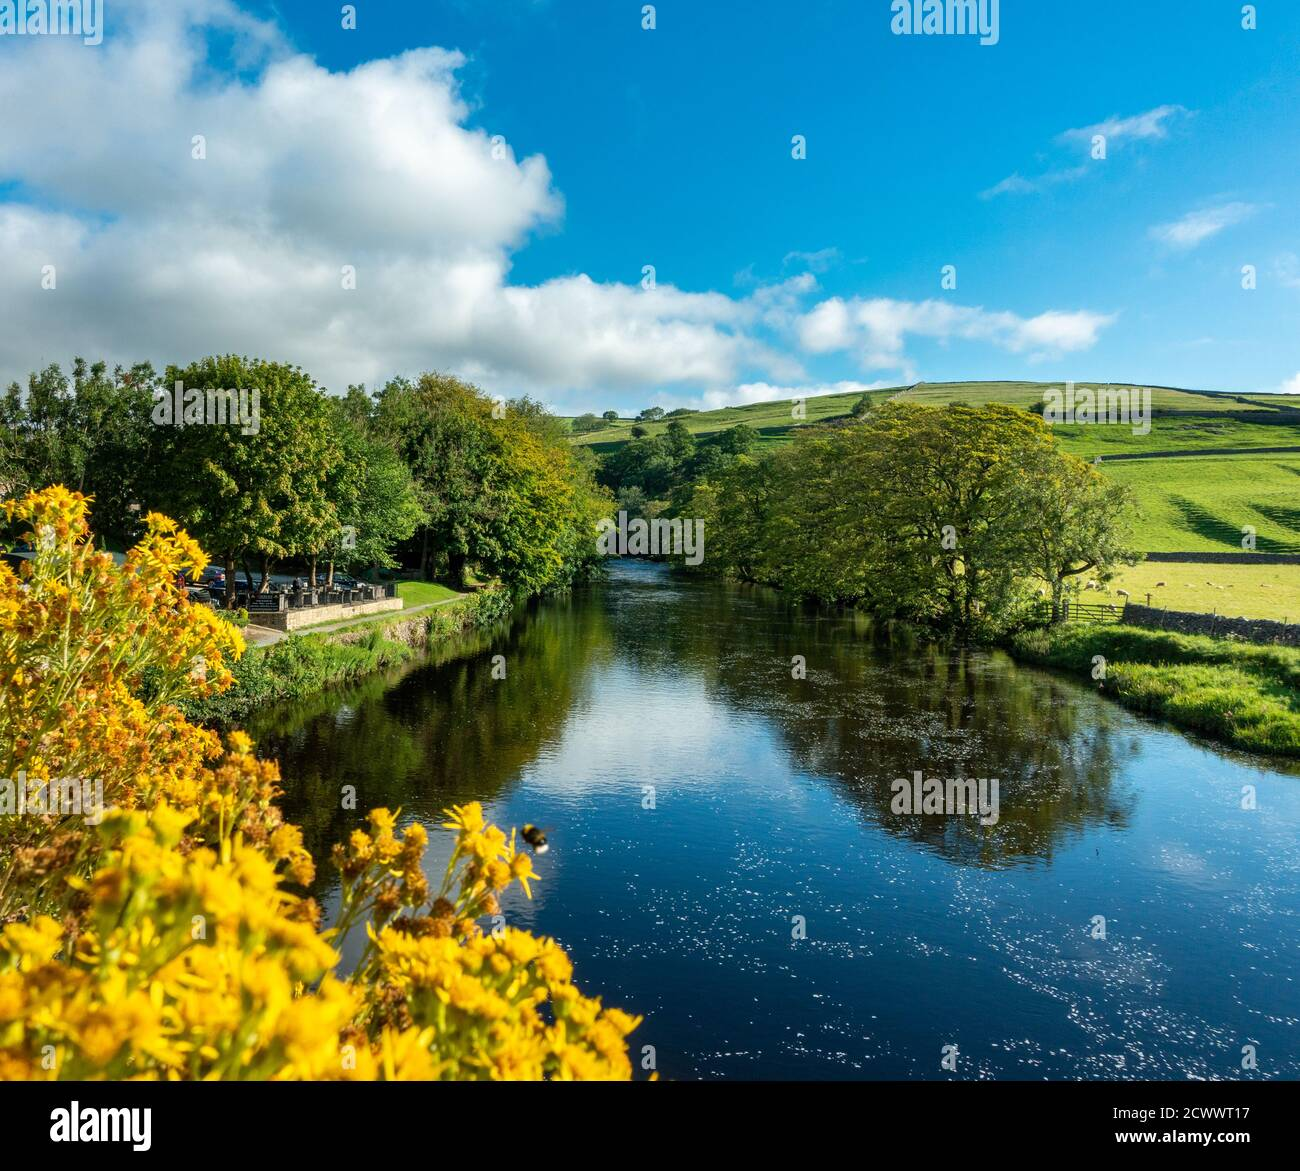 Vea el río Wharfe desde el puente Burnsall con campos verdes, flores de ragwort amarillo y cielo azul, Parque Nacional de Yorkshire Dales, Reino Unido Foto de stock